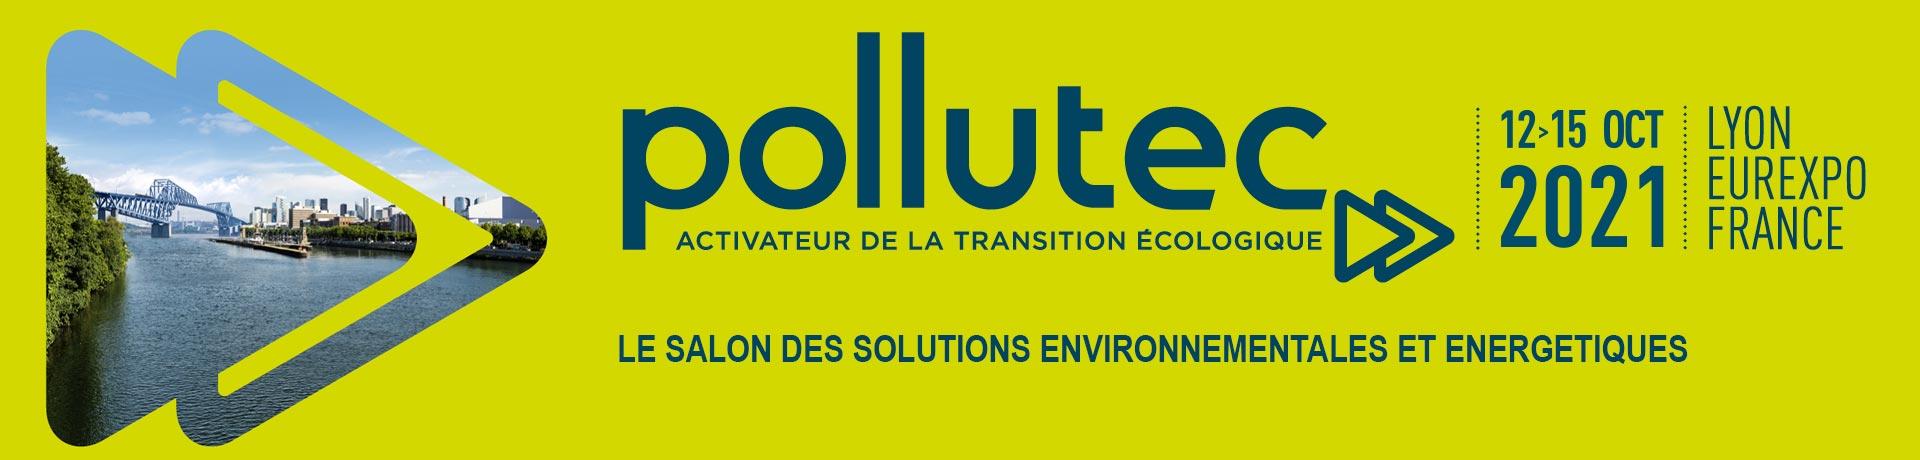 Salon Pollutec Lyon Octobre 2021